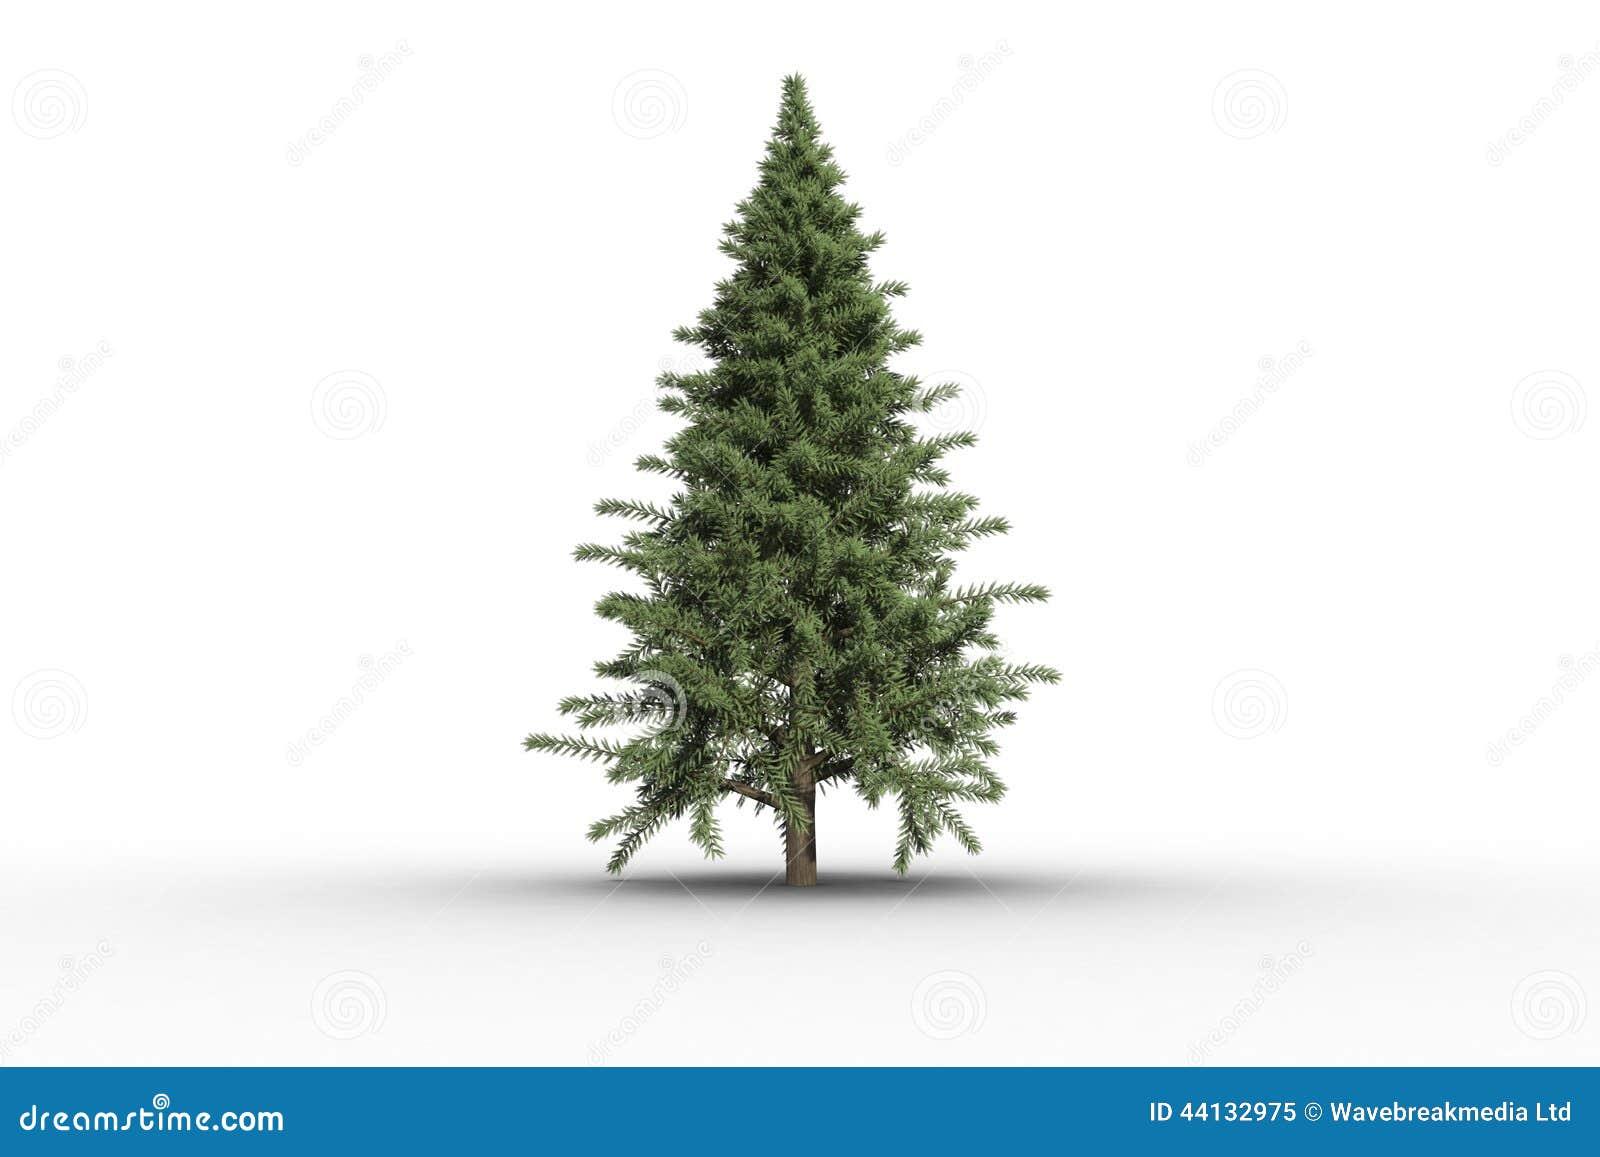 Arbre de sapin vert produit par digital illustration stock illustration du no l digital 44132975 - Dessin sapin vert ...